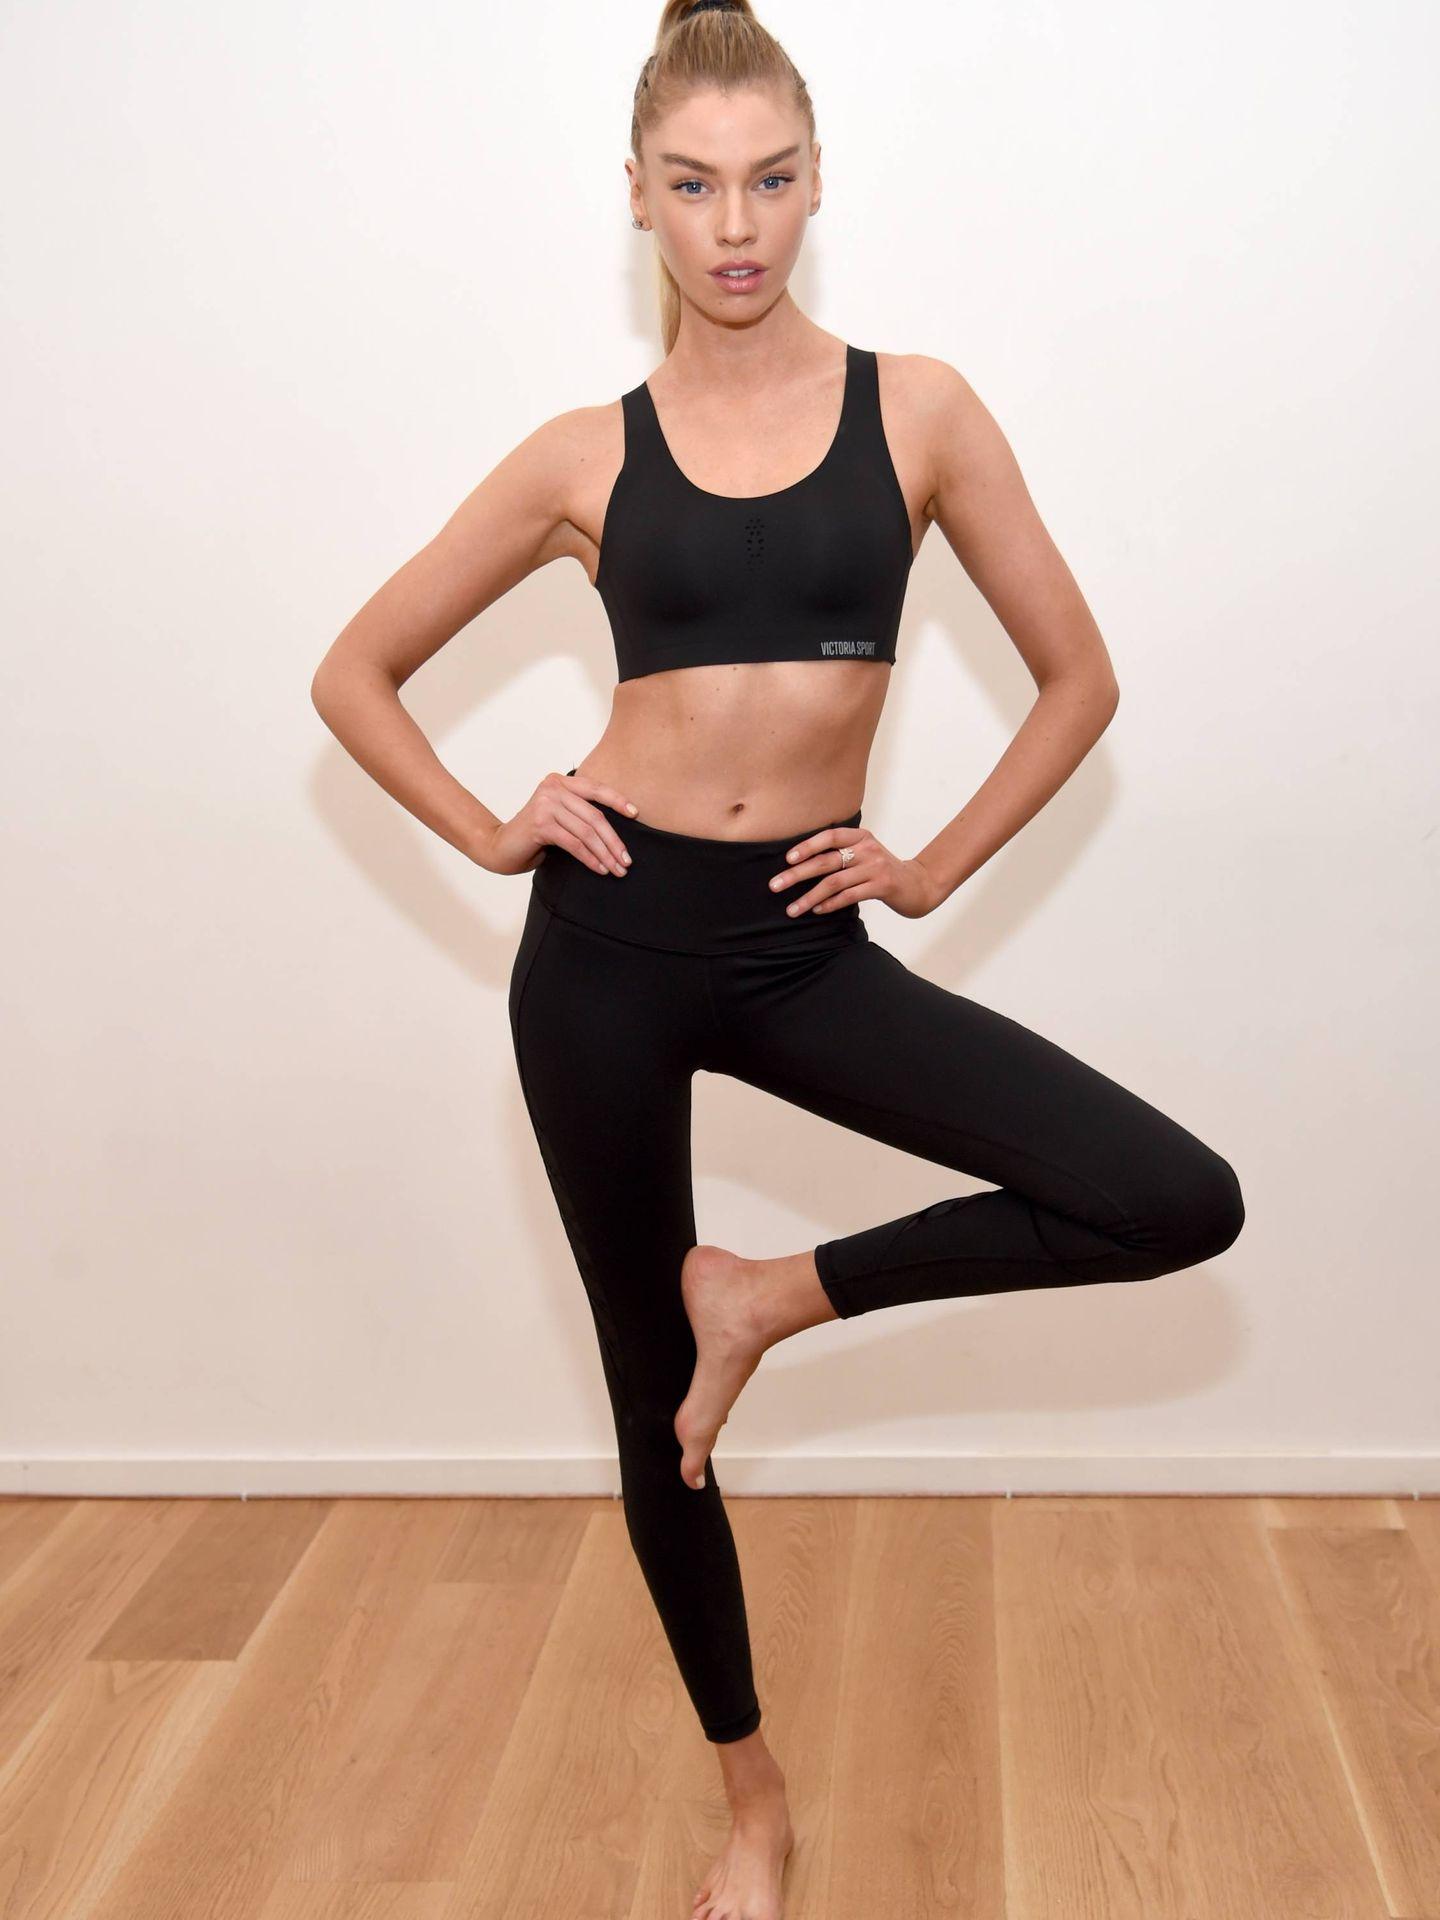 Stella Maxwell en una presentación de Victoria' Secret. (Getty)